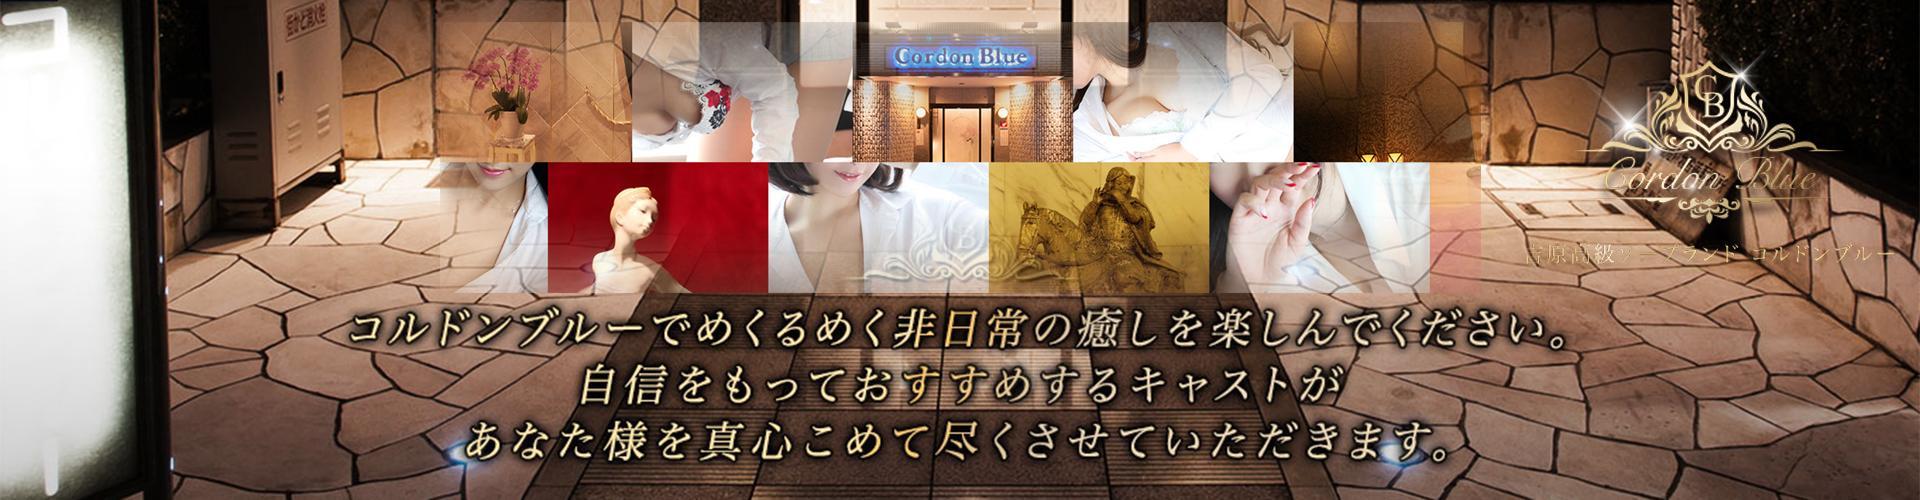 コルドンブルー 吉原高級店ソープ